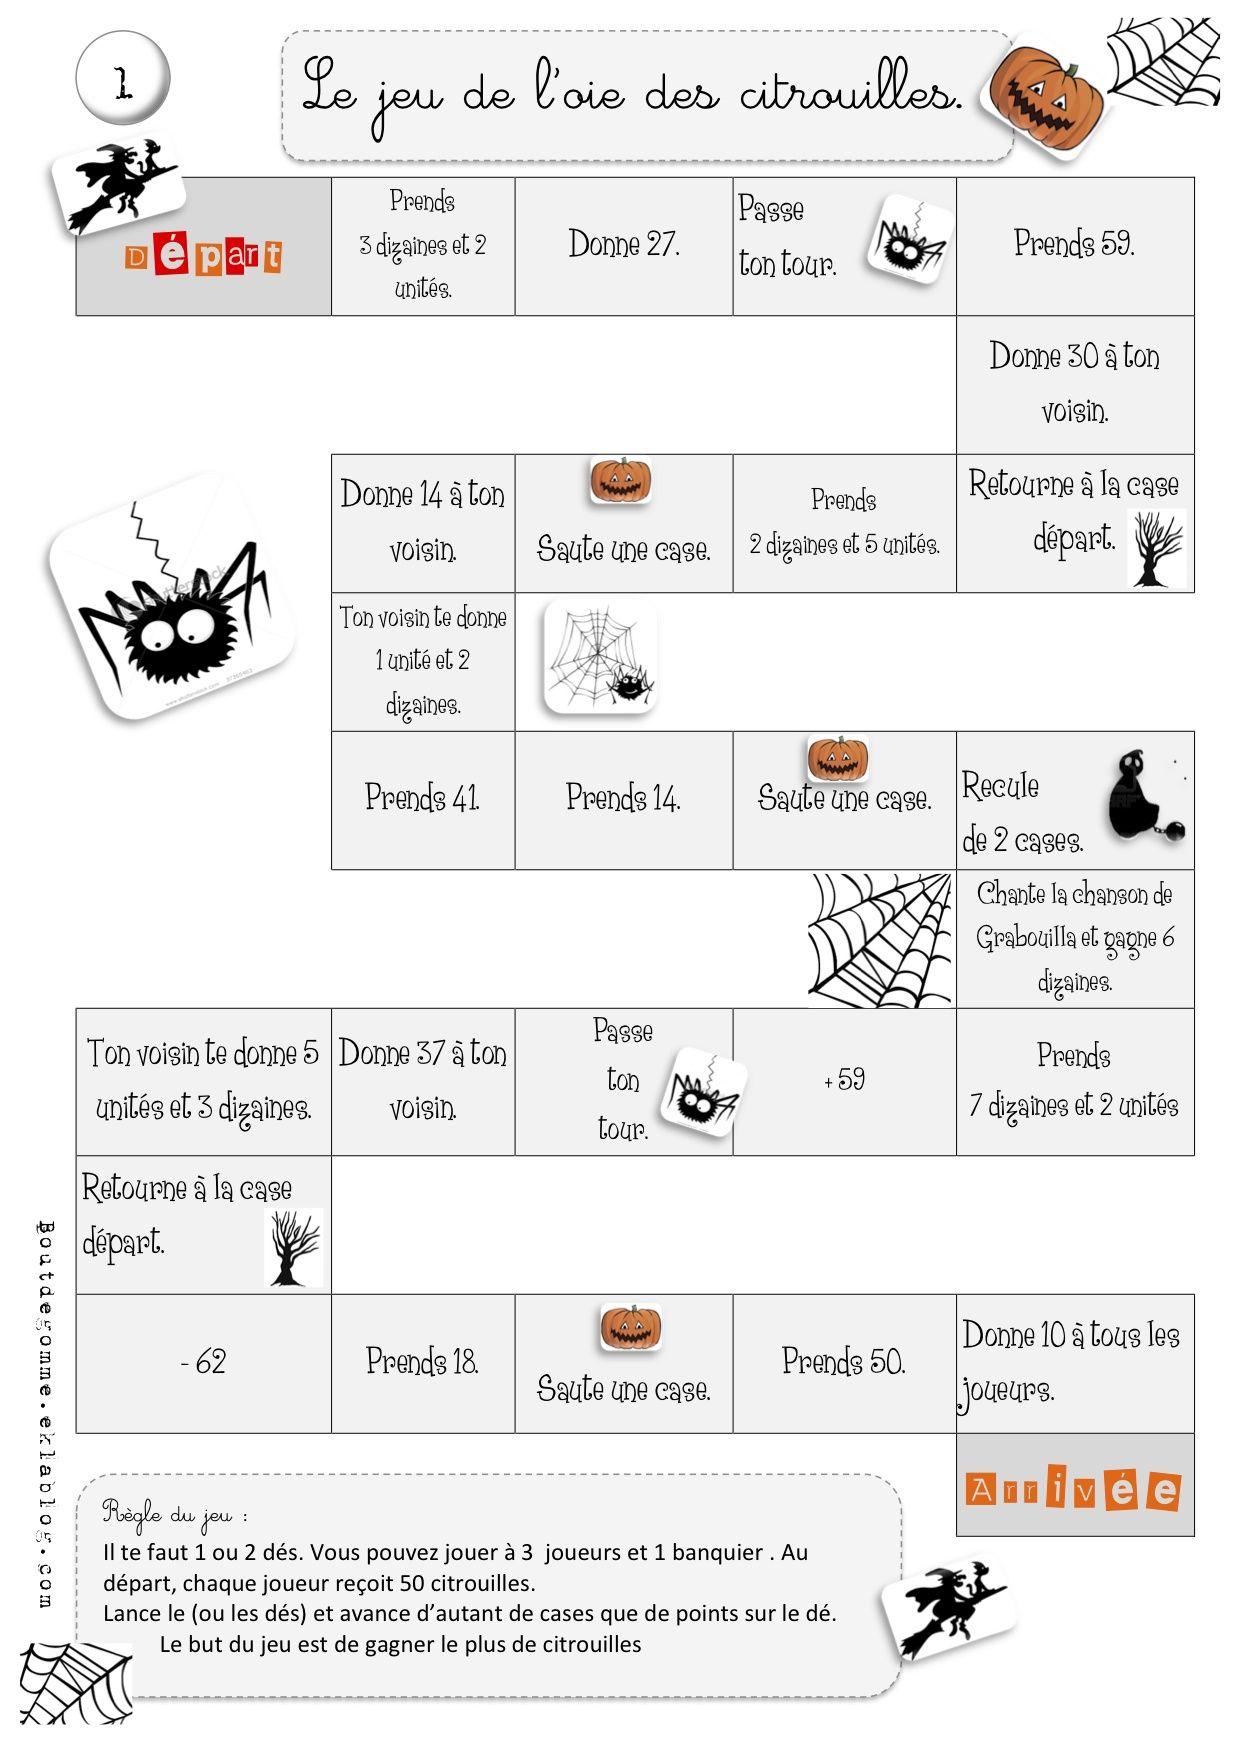 Fabuleux Jeu de l'oie des citrouilles : Maths | La citrouille, Jeux de et Jeu YE58